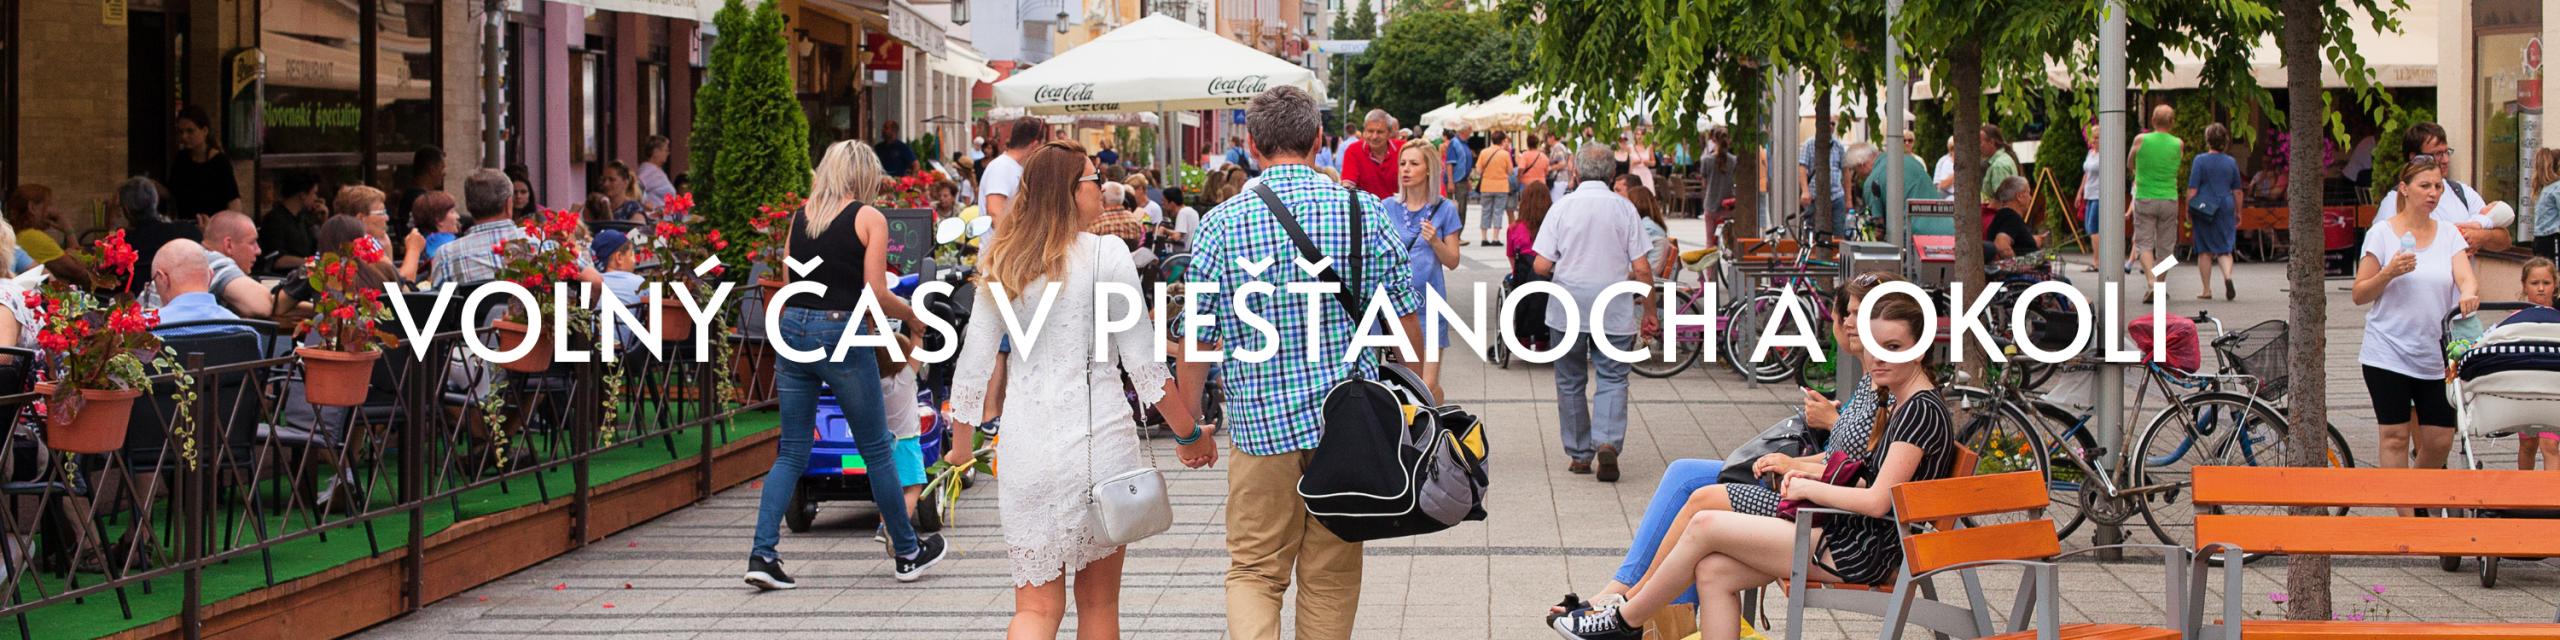 Voľný čas v Piešťanoch a okolí